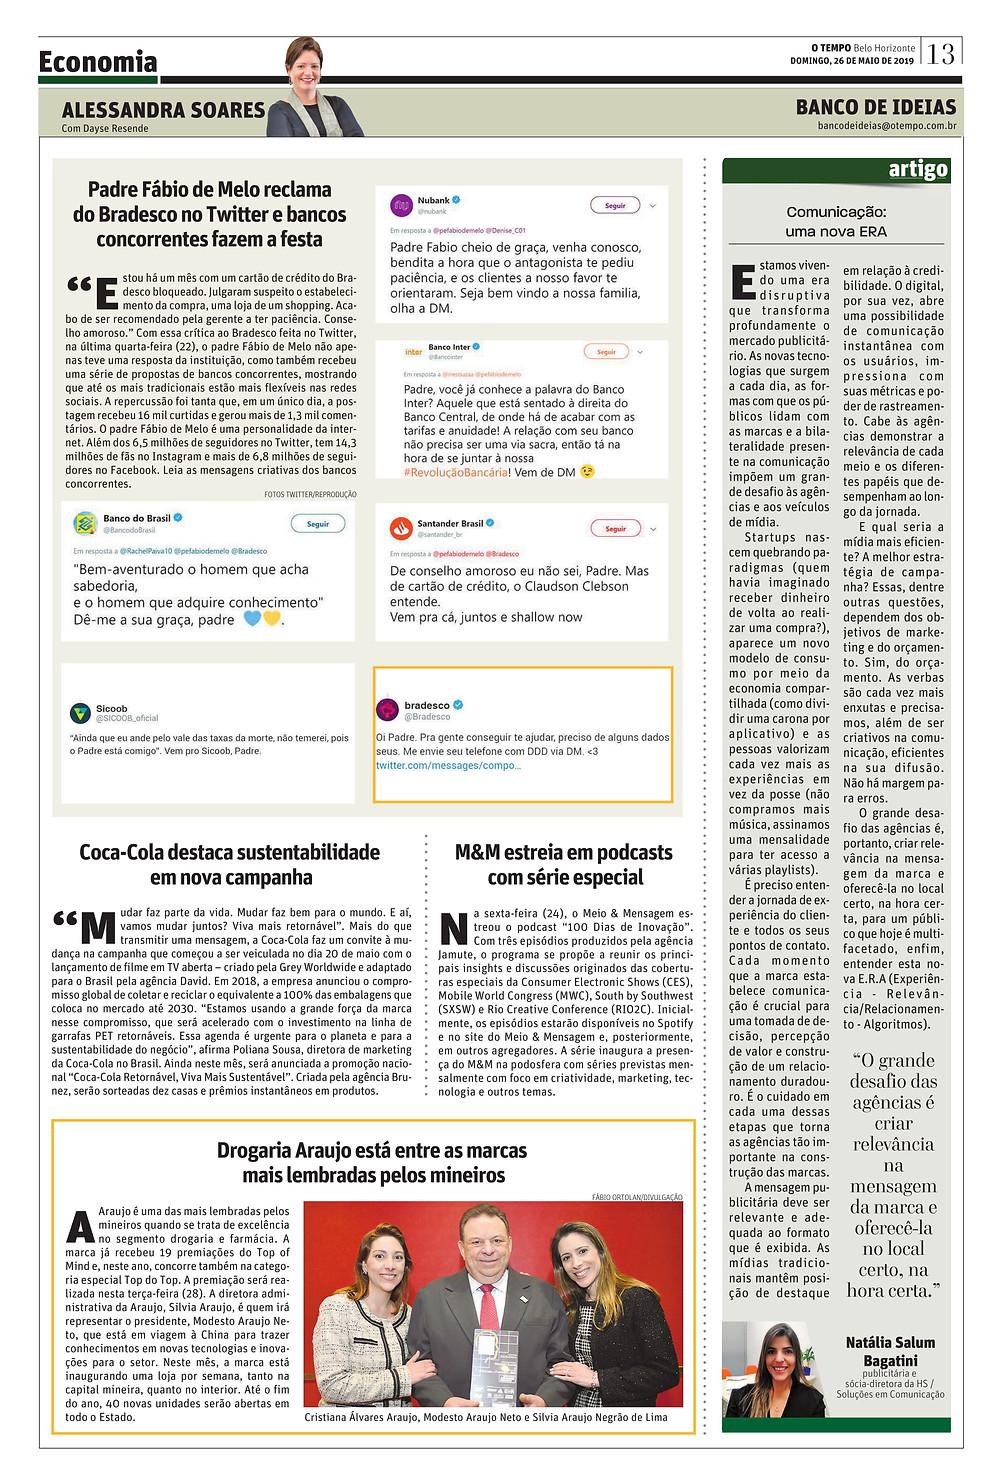 """Coluna completa """"Banco de ideias"""" do Jornal O Tempo"""